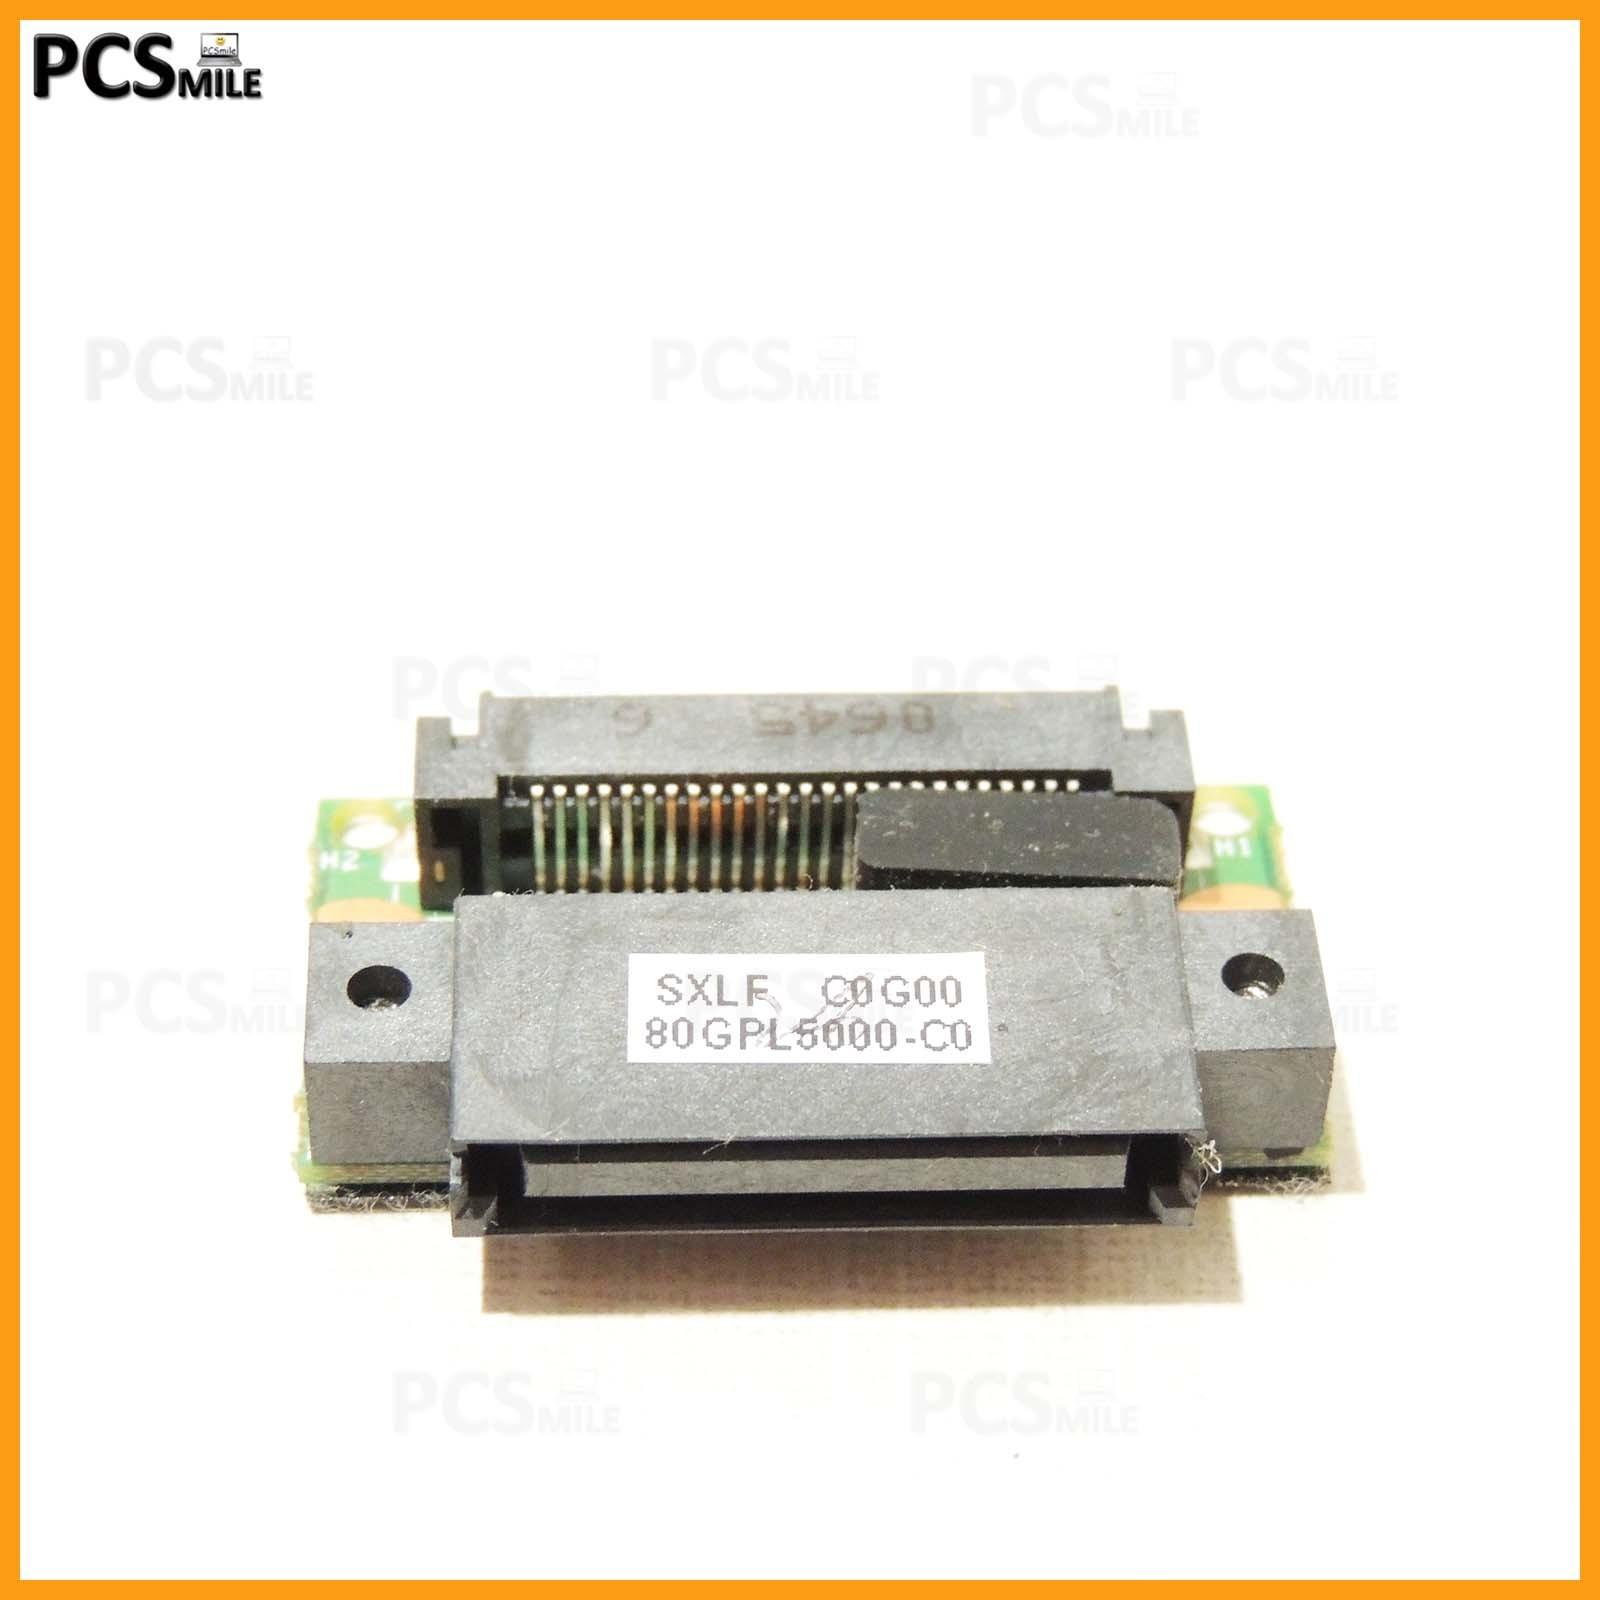 board E157925 94V-0 SXLF C0G00 80GPL5000.C0 adattatore Lettore CD Amilo Pi 1505